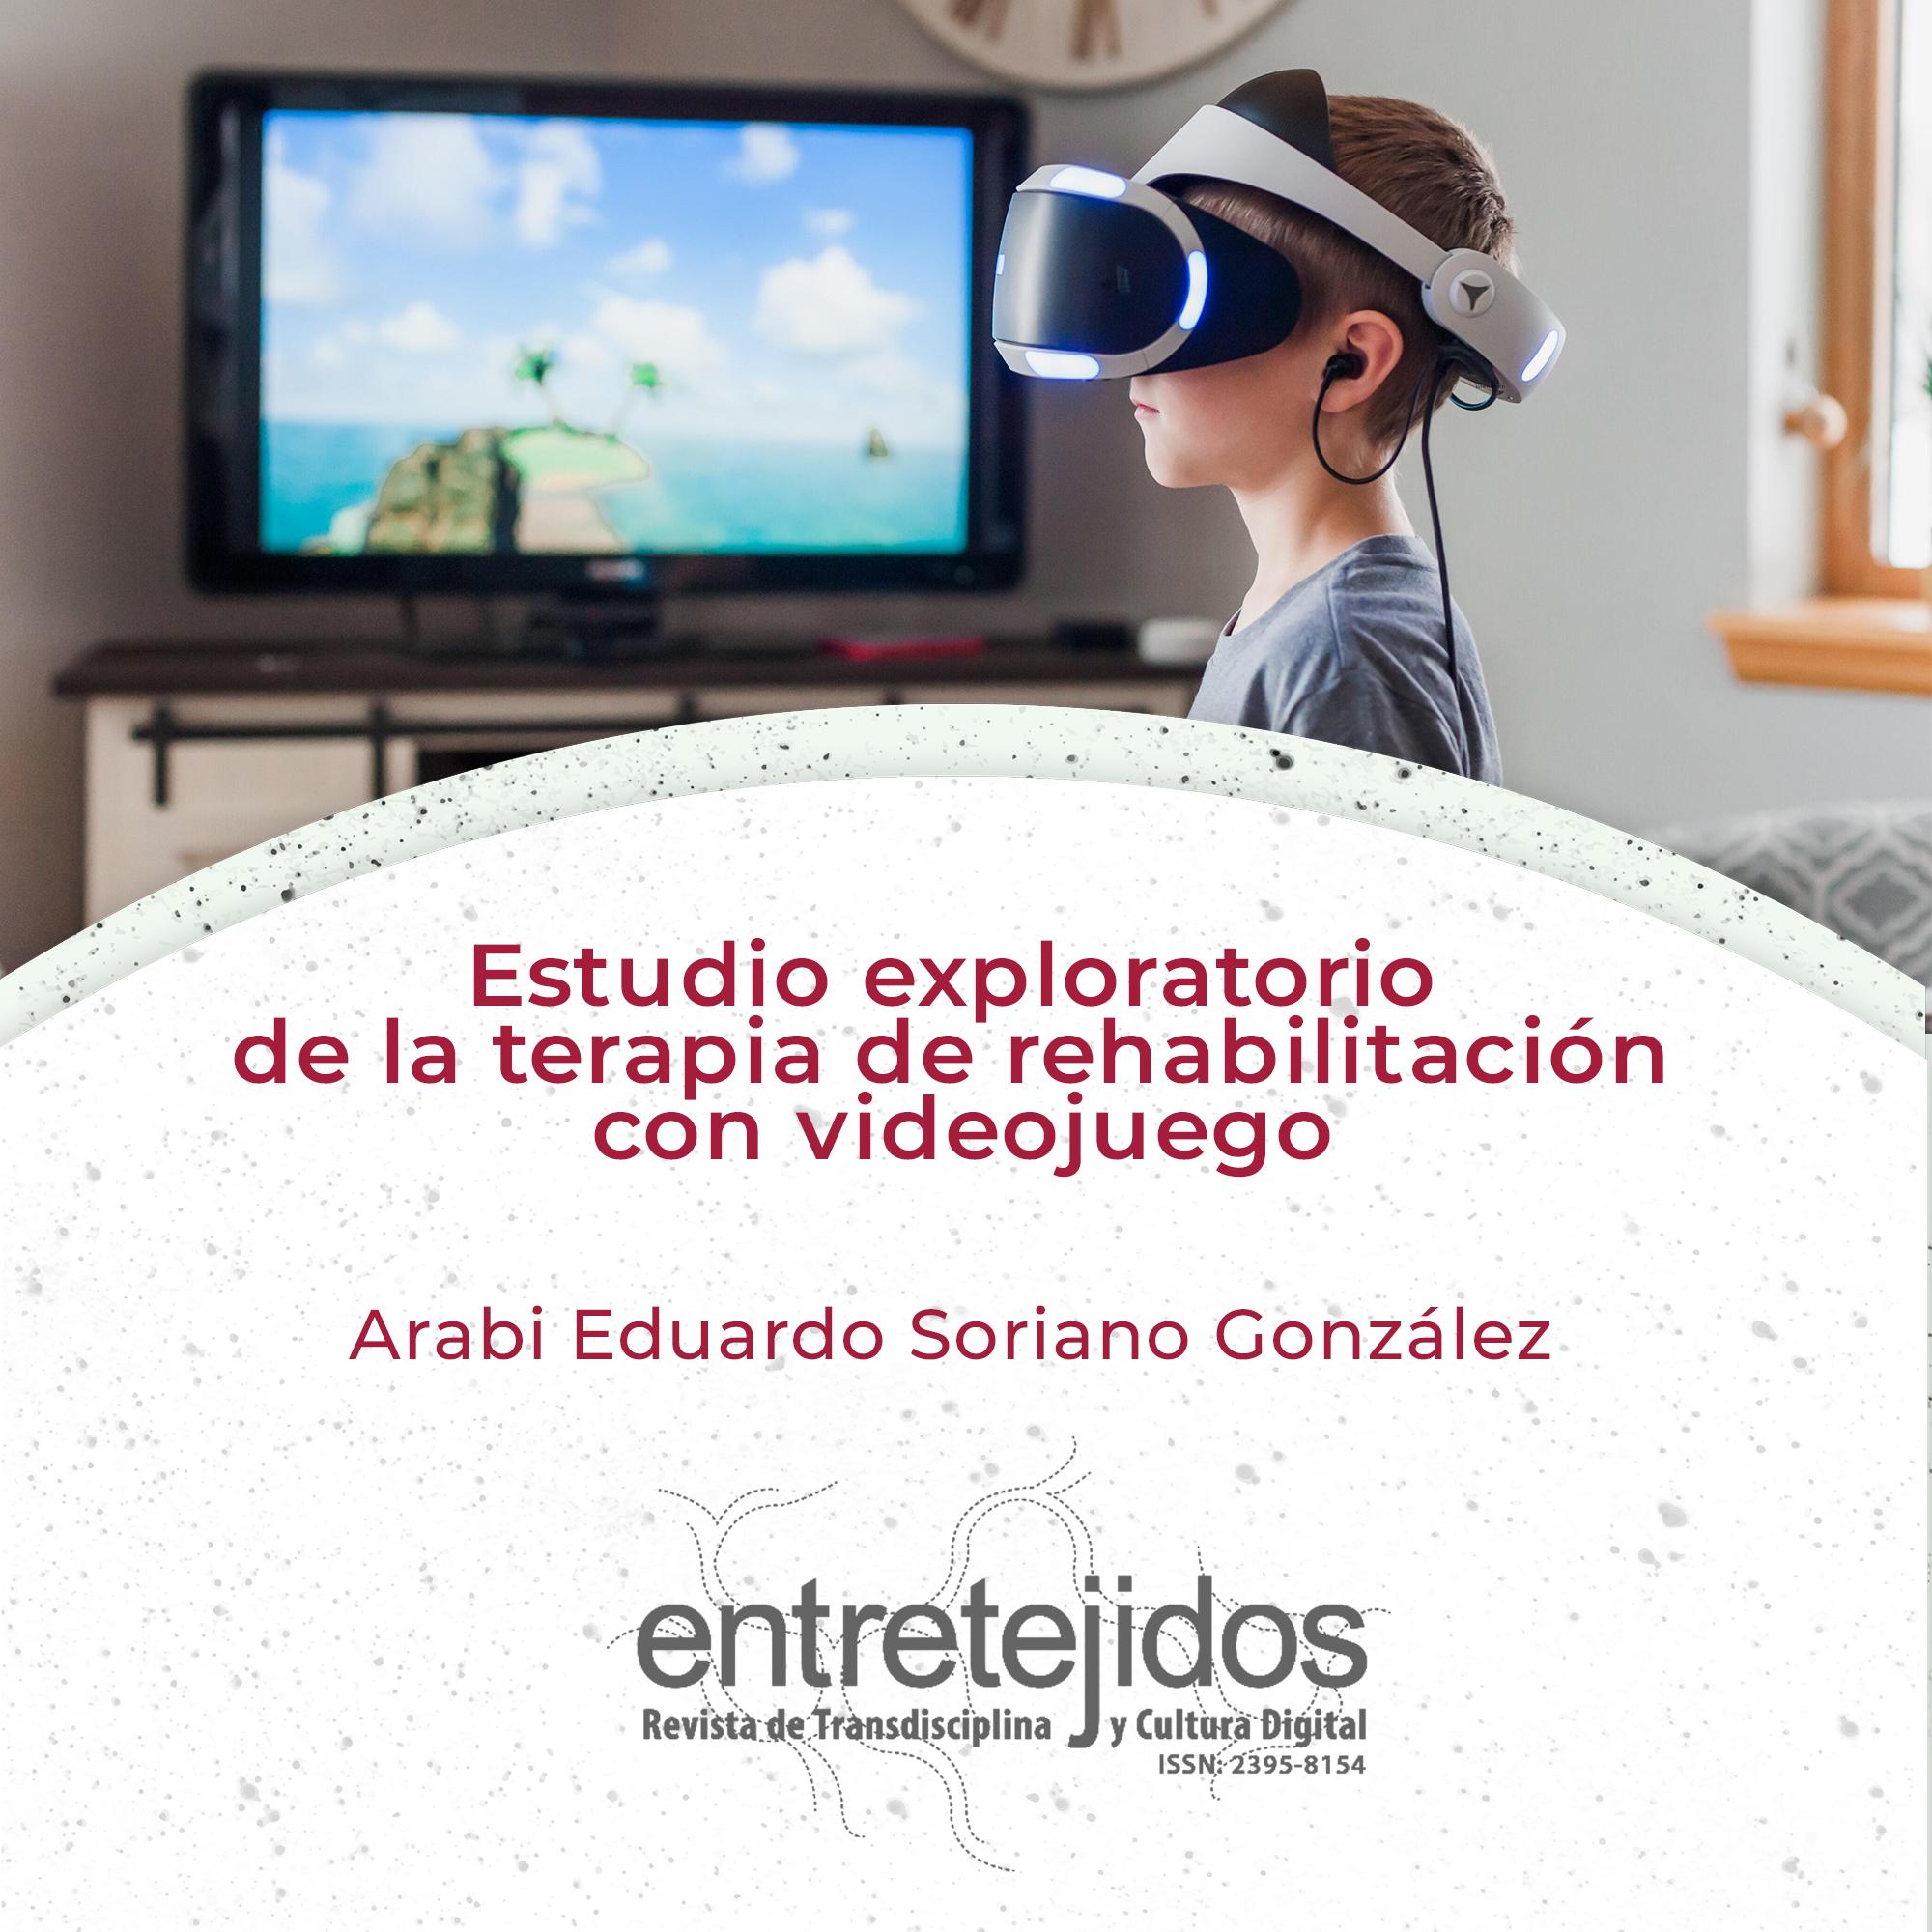 Estudio exploratorio de la terapia de rehabilitación con videojuego